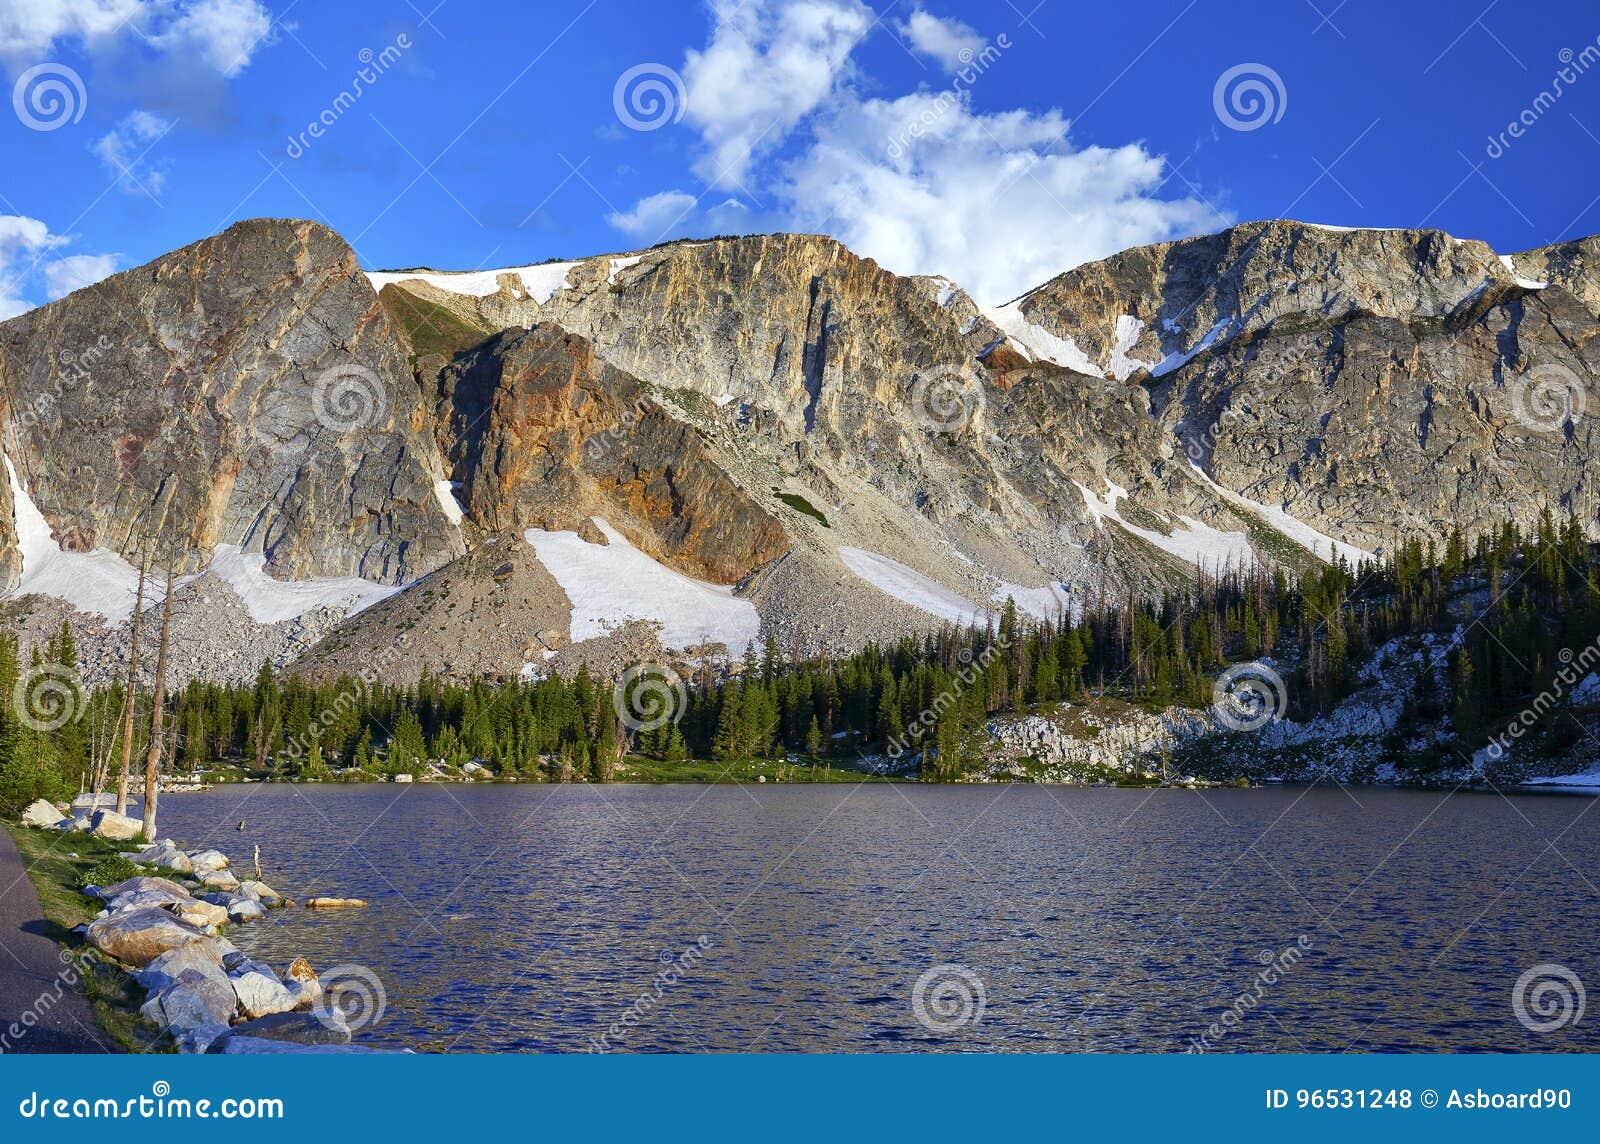 Mirror Lake, Snowy Range, Wyoming